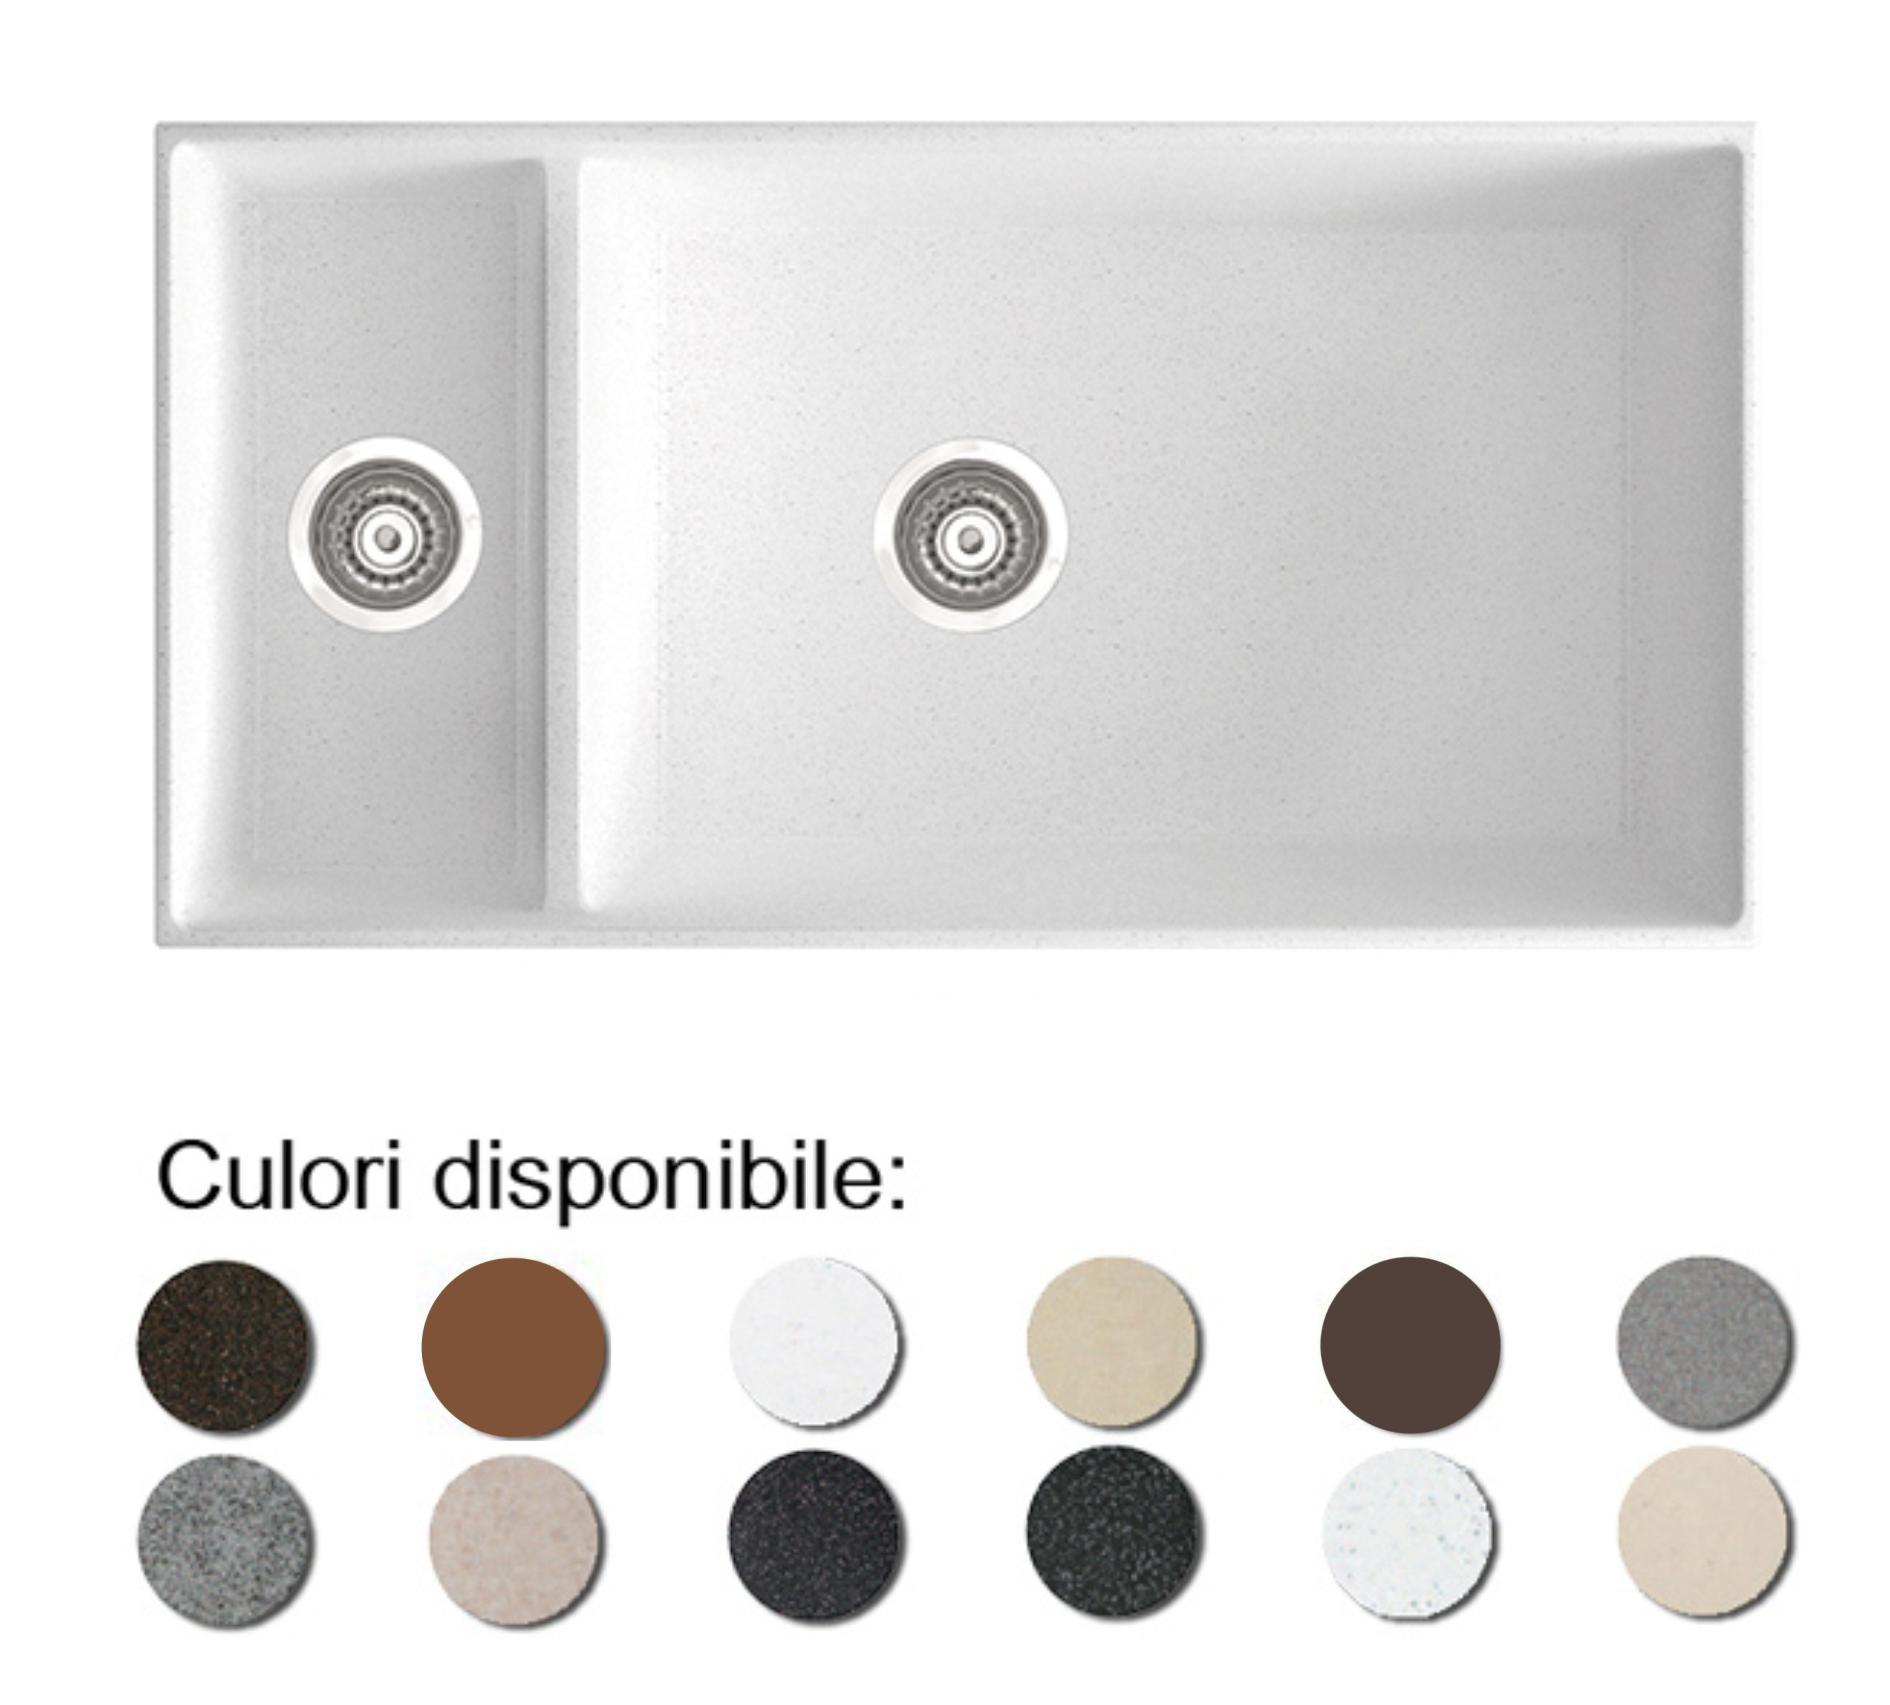 Chiuveta Bucatarie Granit Compozit Anticalcar Cuve - 6322